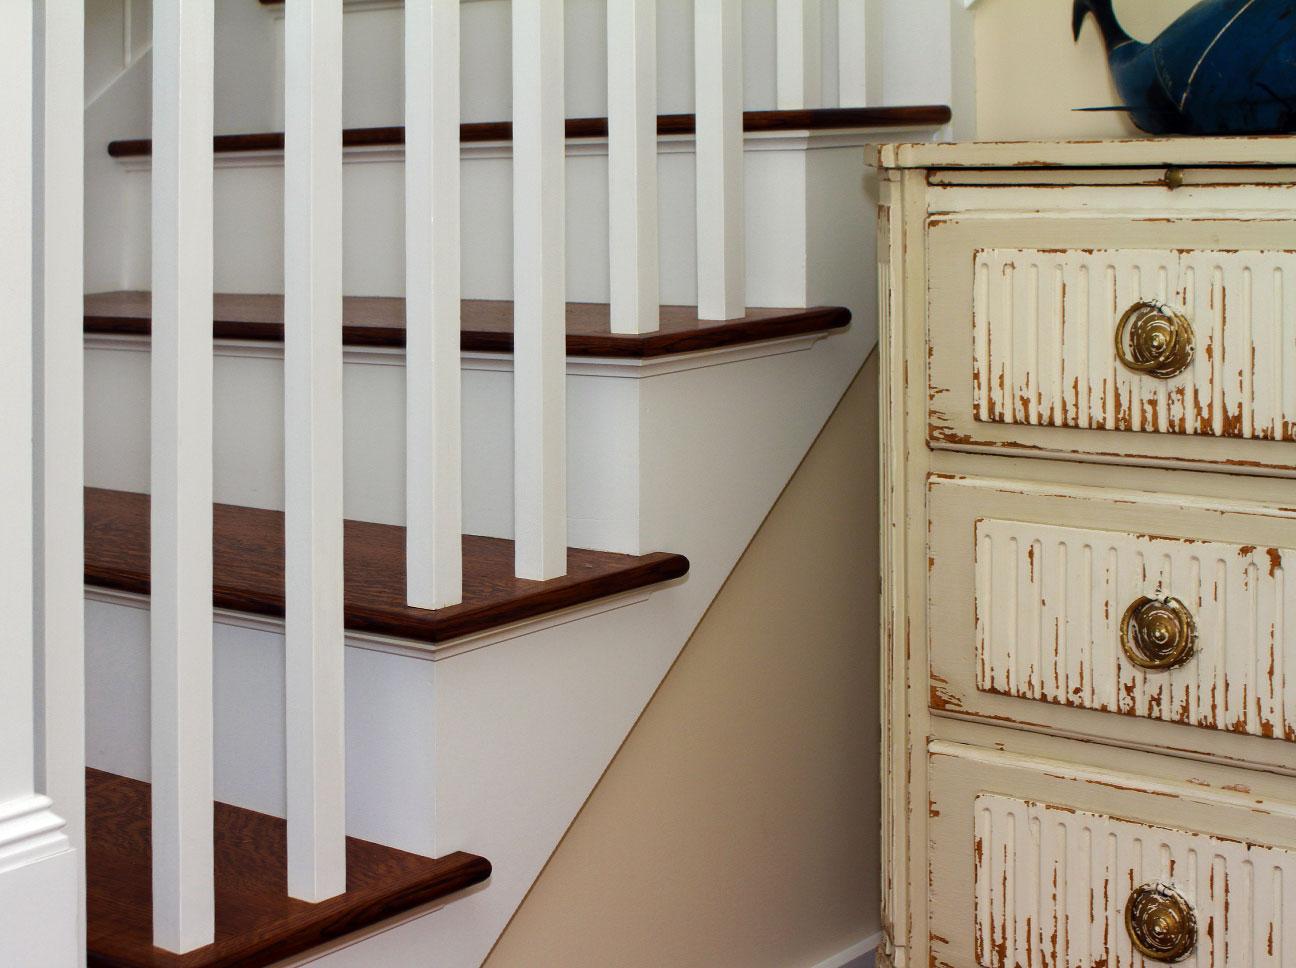 Douston-Millwork-Staircase Detail